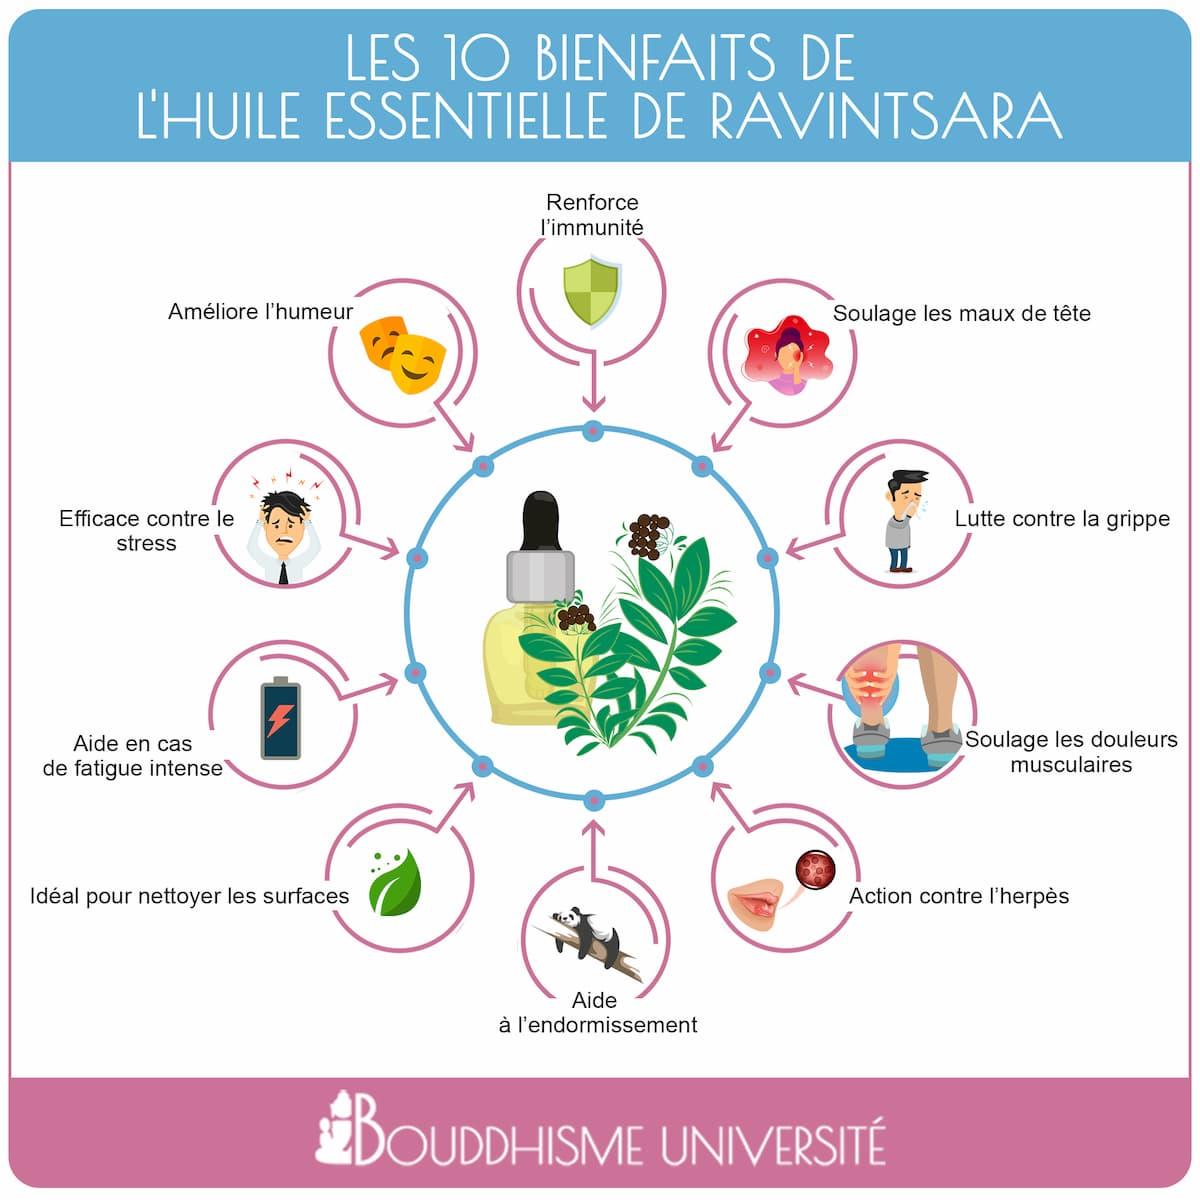 bienfaits huile essentielle ravintsara